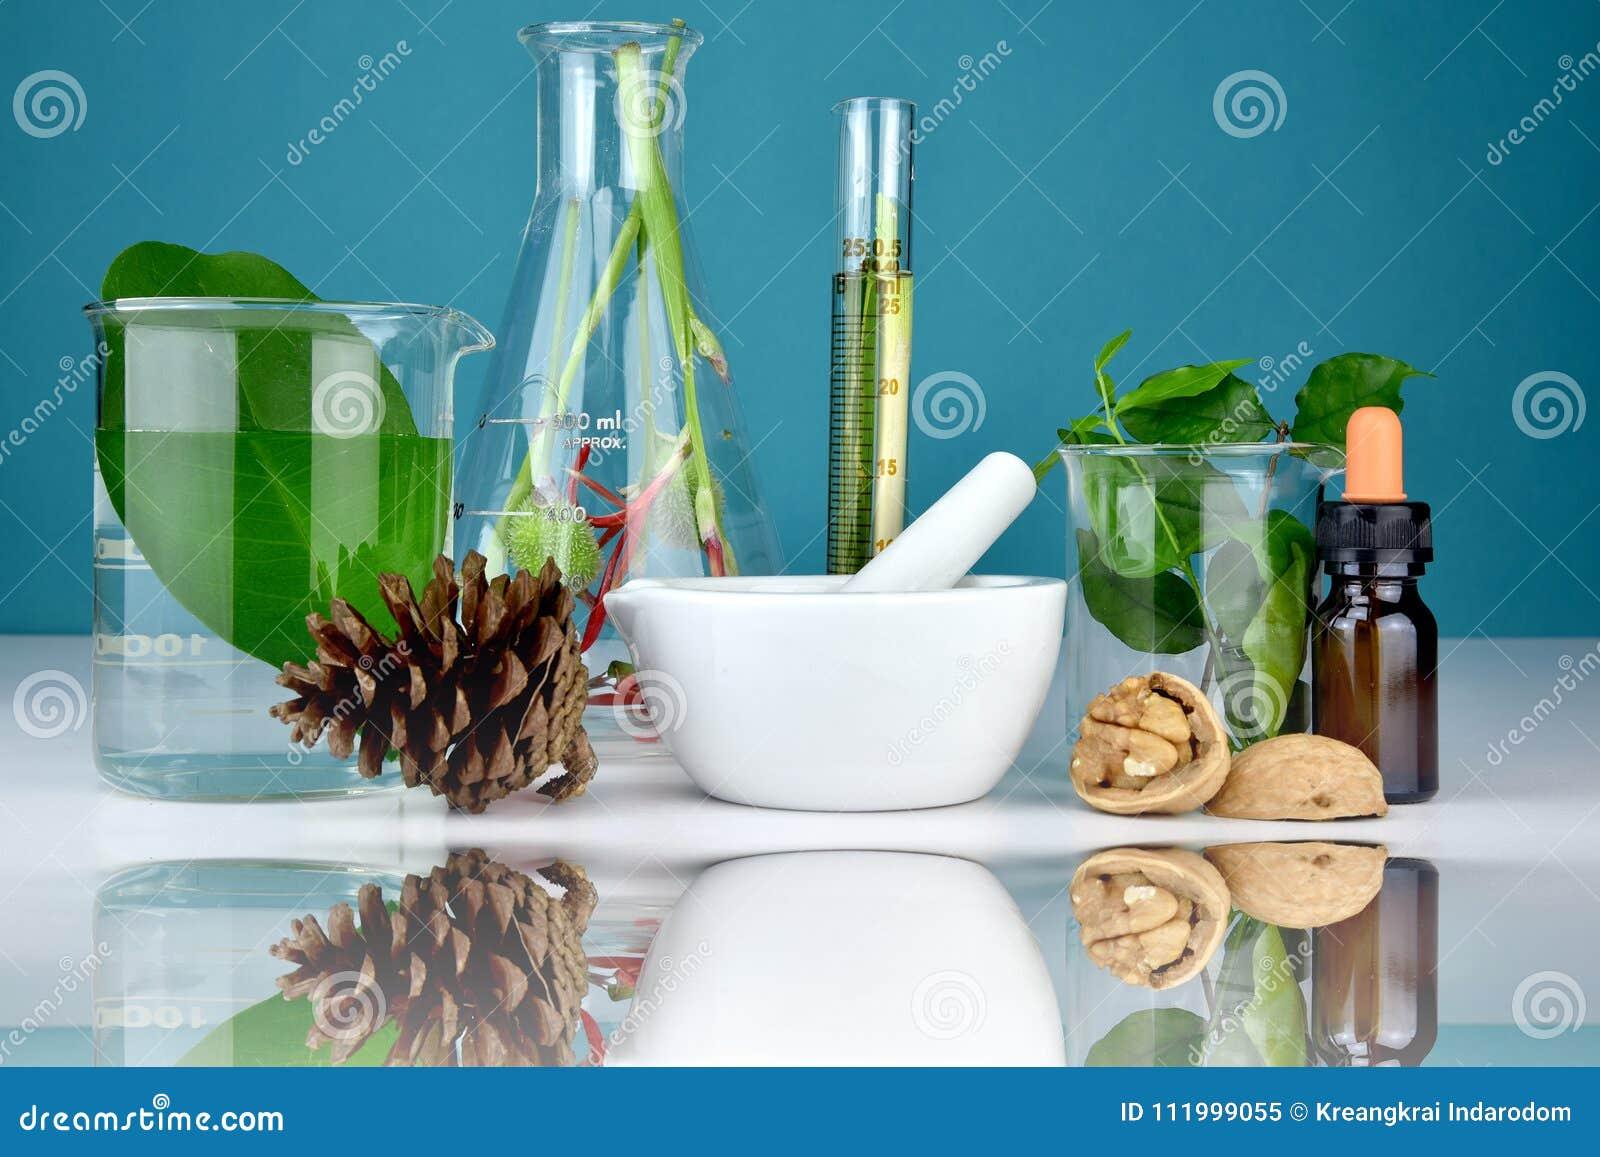 Medicina y atención sanitaria orgánicas naturales, medicina alternativa de la planta